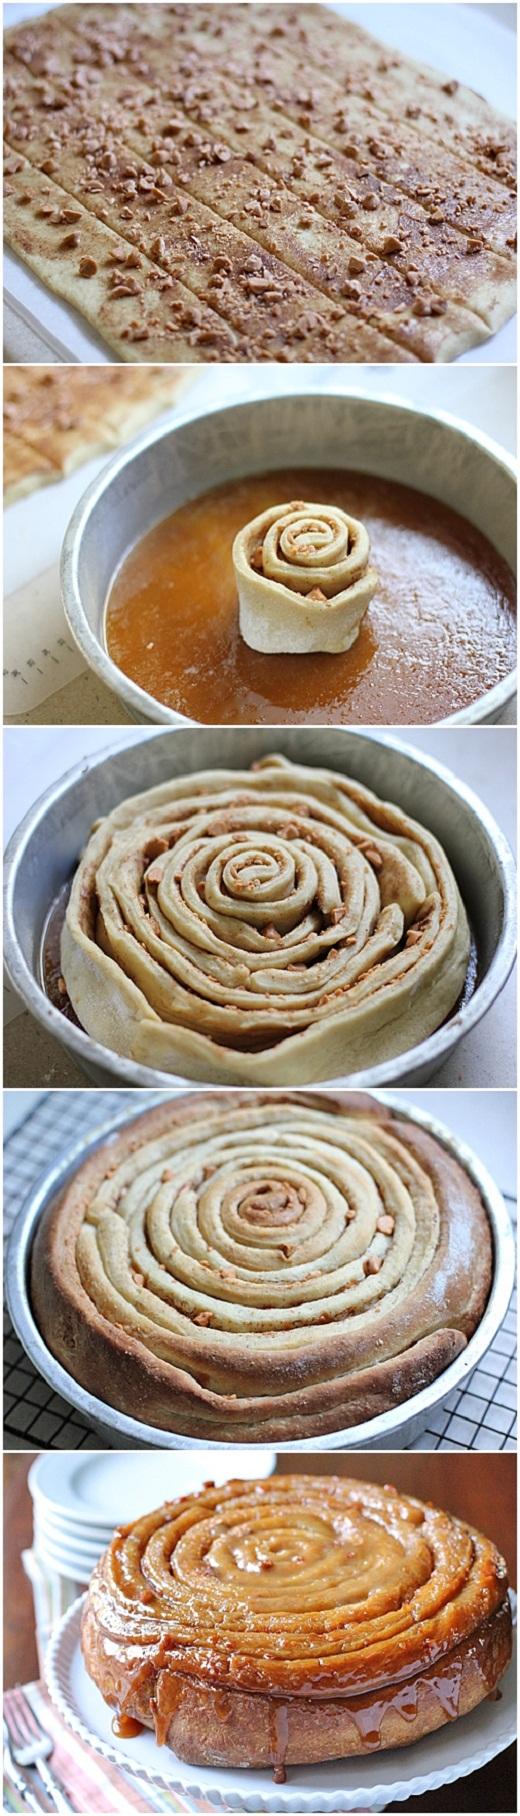 Butterscotch-Spiral-Coffee-Cake-Recipe